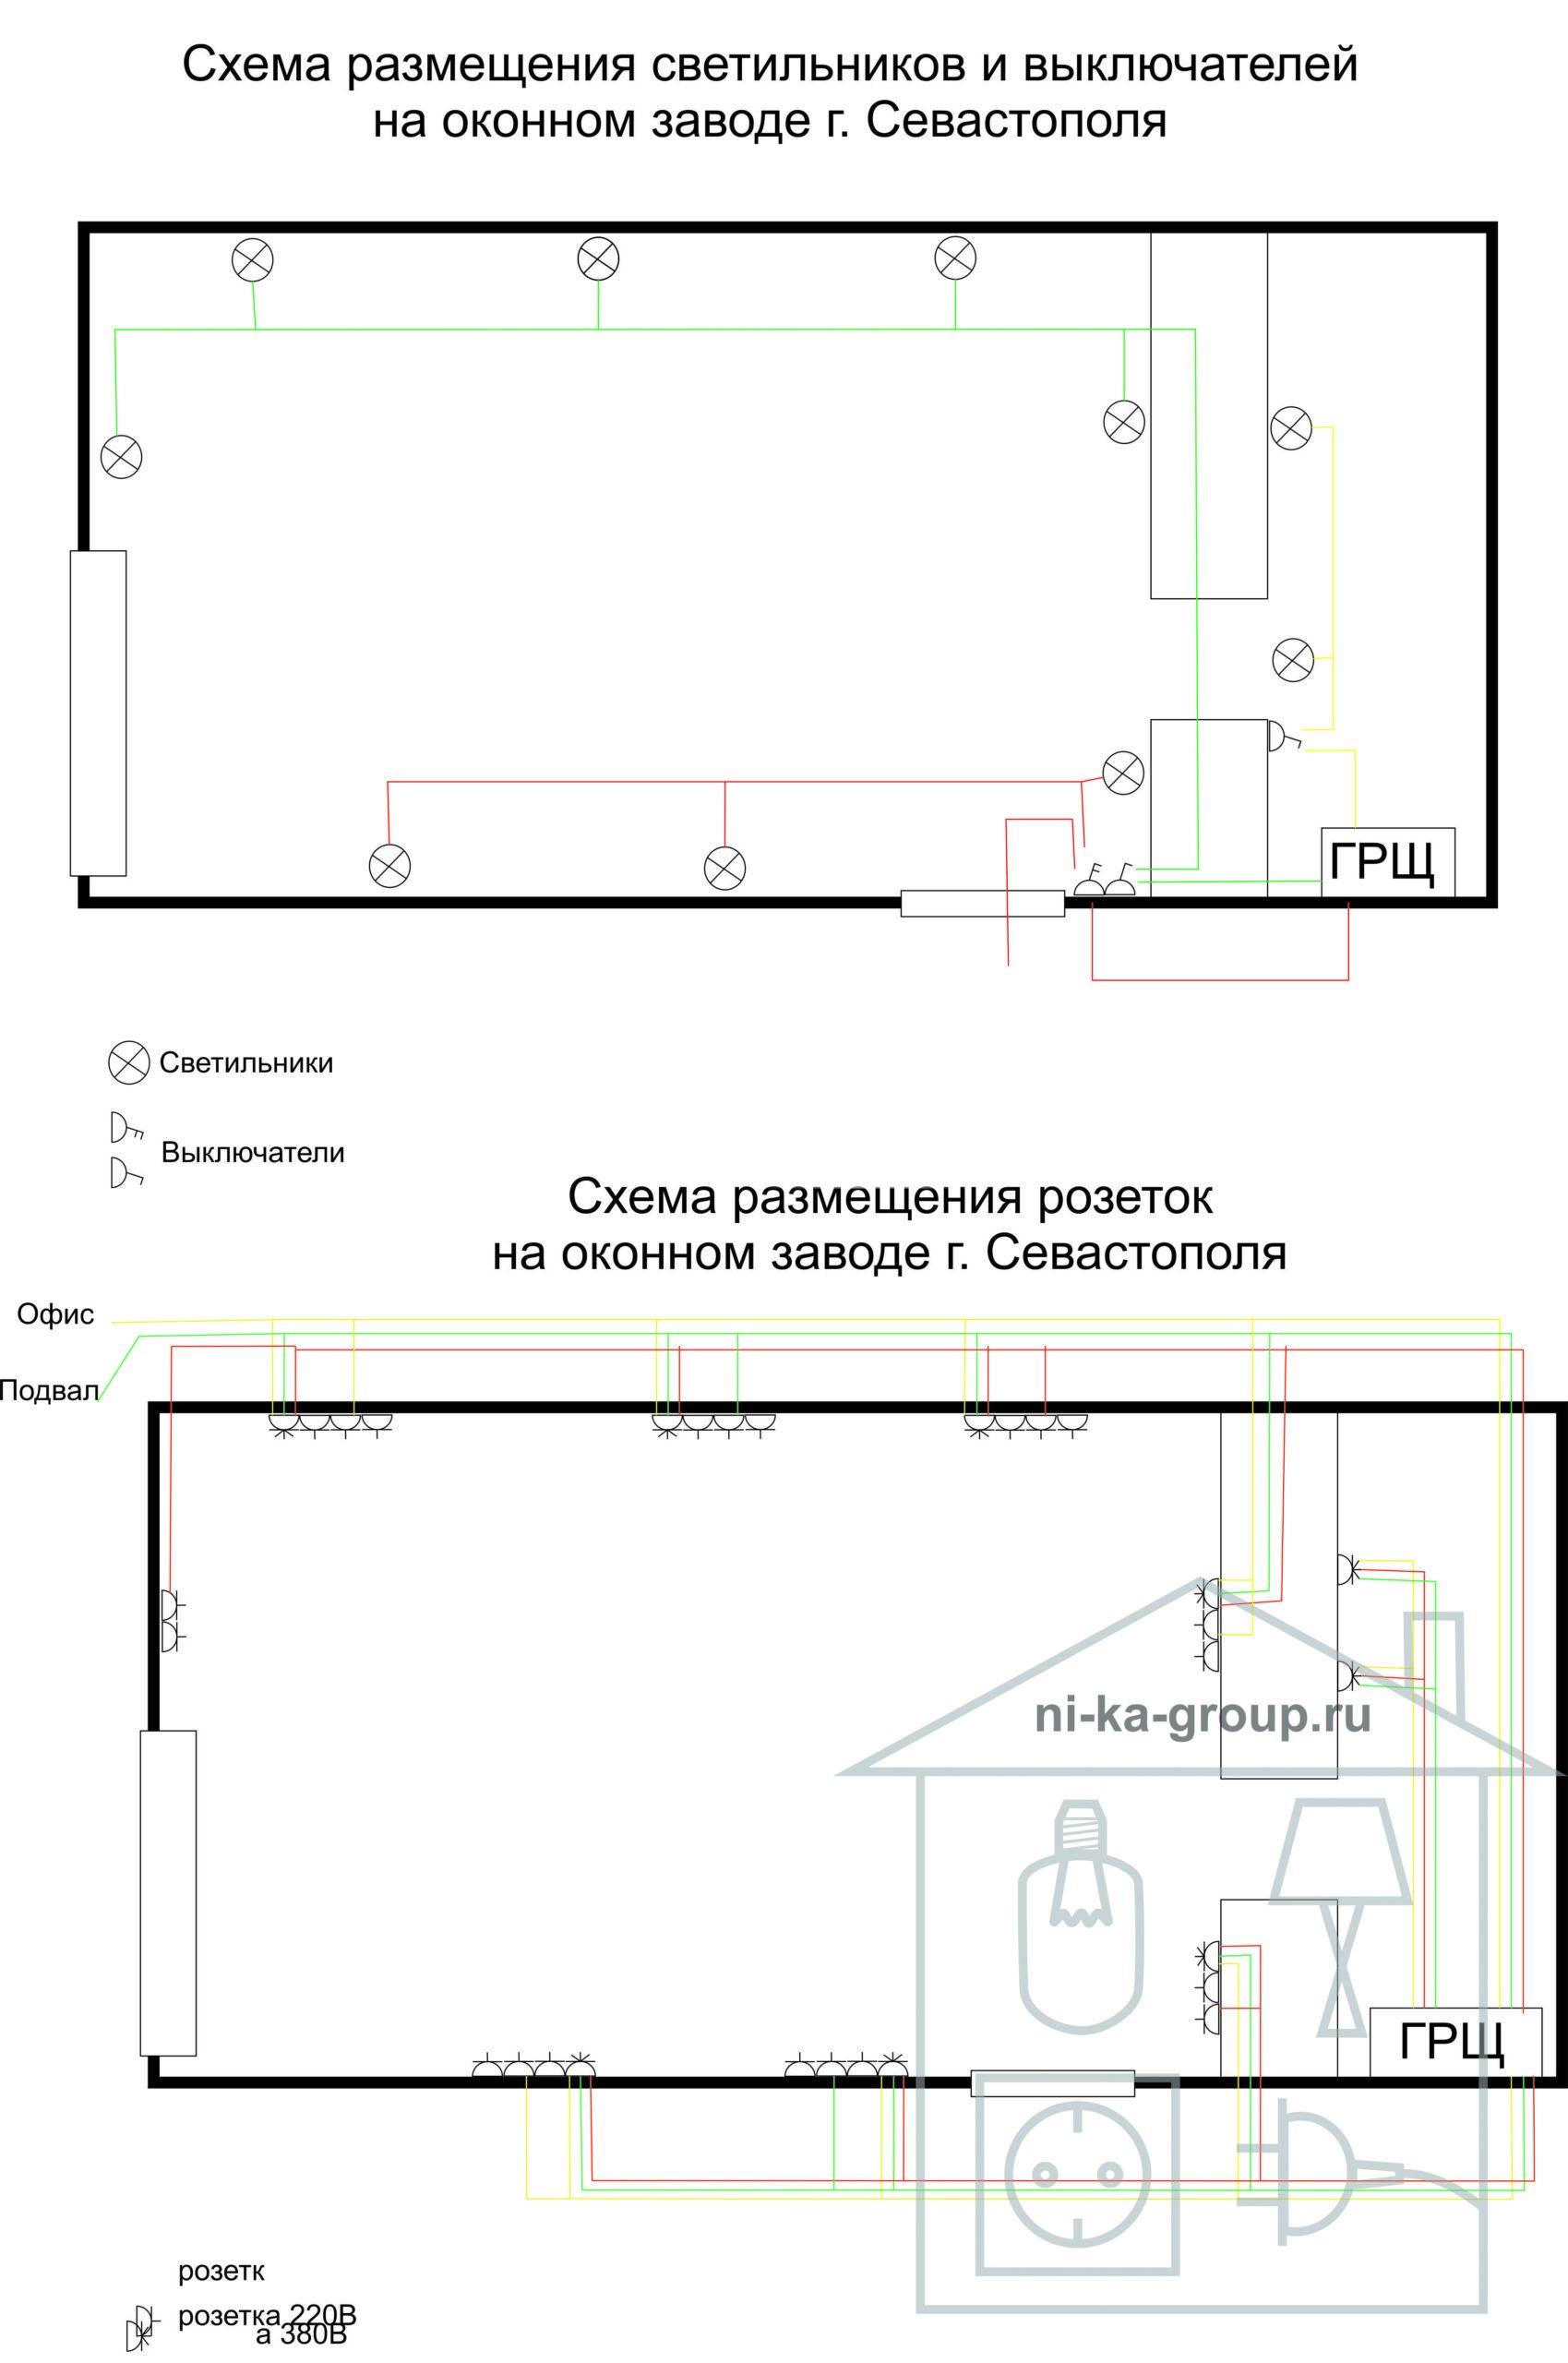 Схема размещения розеток, выключателей, светильников  на оконном заводе